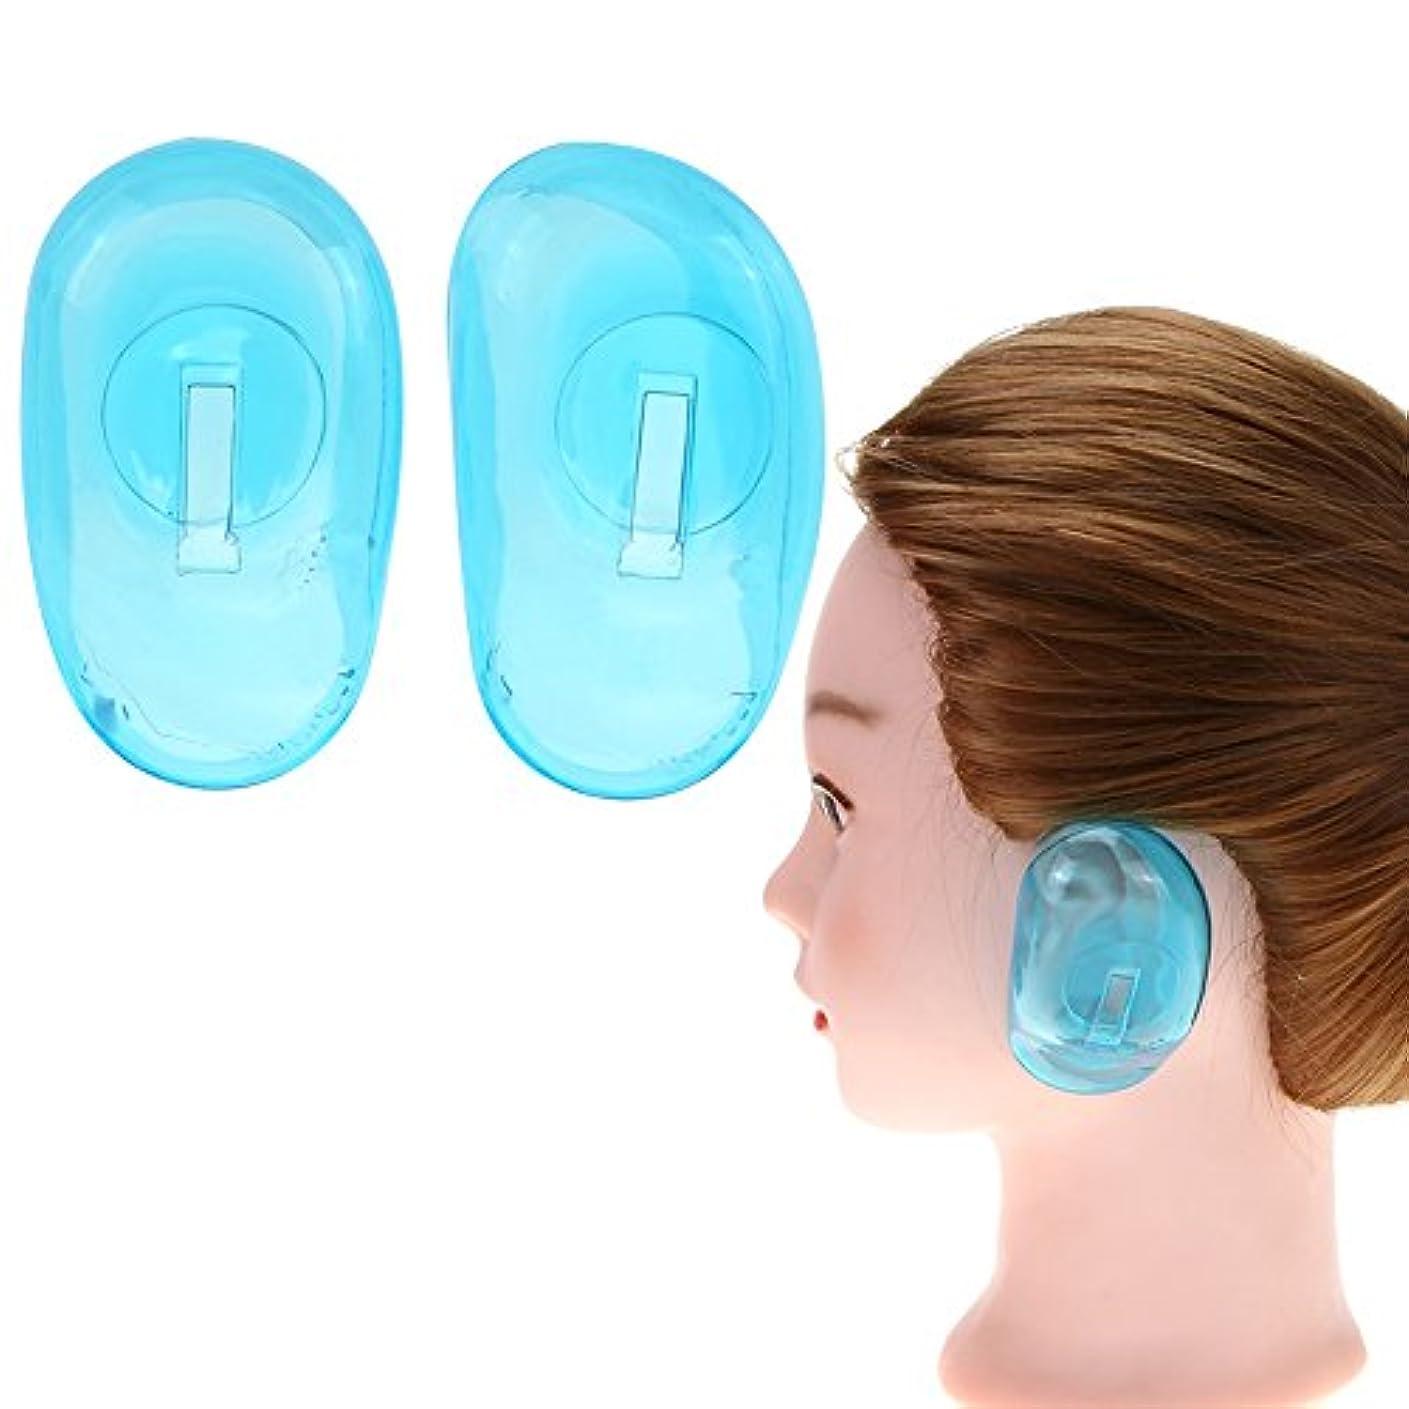 技術誘惑する賃金Ruier-tong 5ペア耳カバー 毛染め用 シリコン製 耳キャップ 柔らかいイヤーキャップ ヘアカラー シャワー 耳保護 ヘアケアツール サロン 洗える 繰り返す使用可能 エコ 8.5x5cm